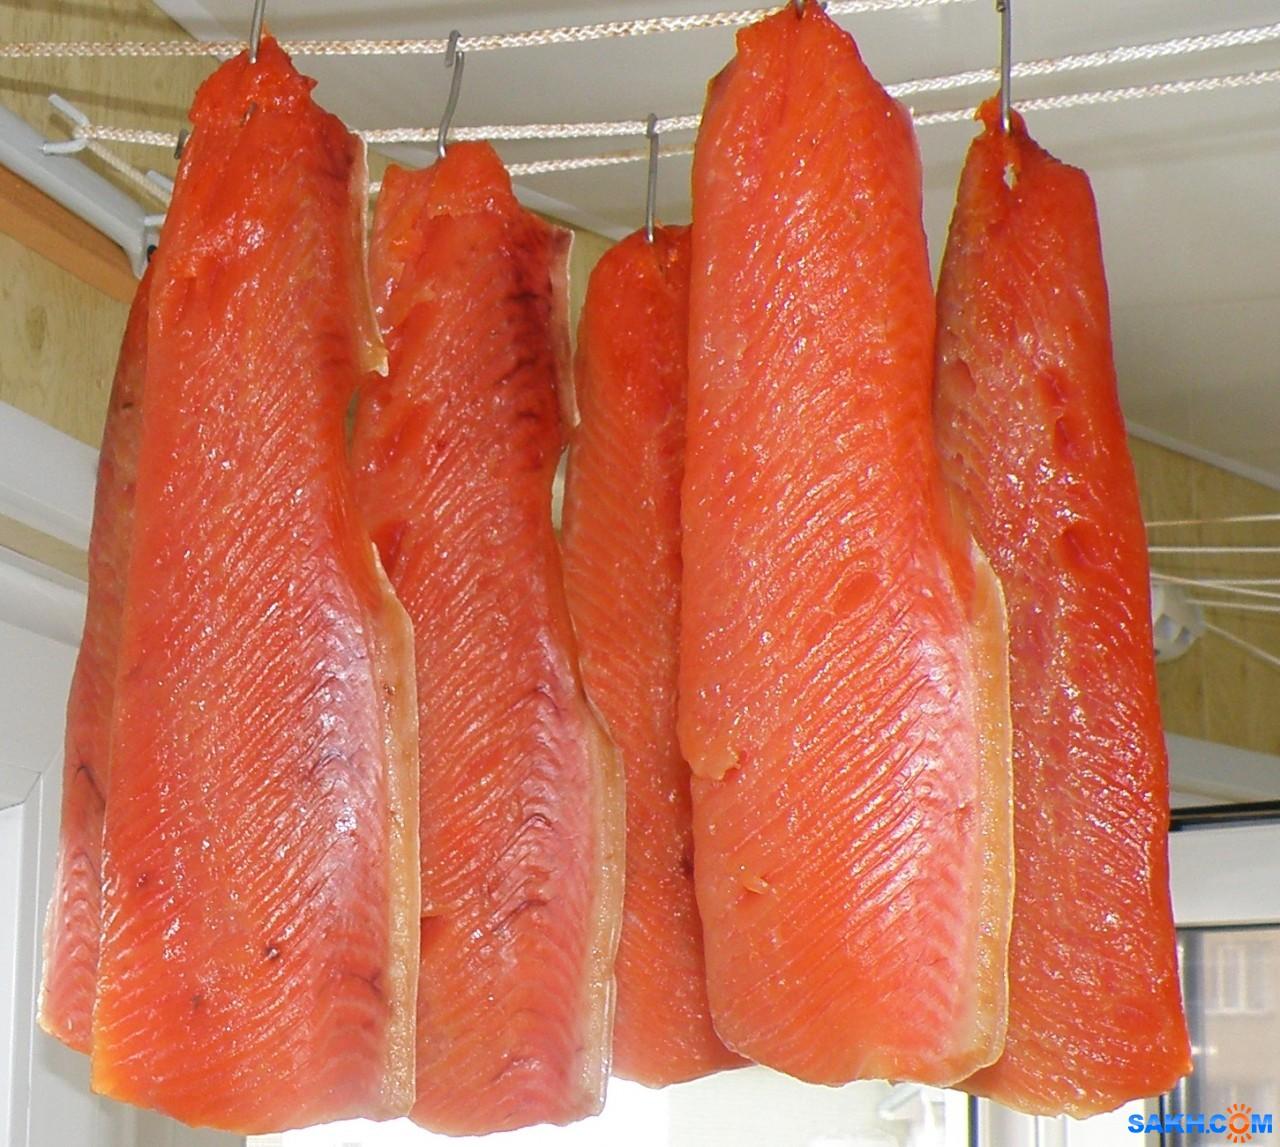 tasya: Слабо-соленые брюшки горбуши. Вялятся.